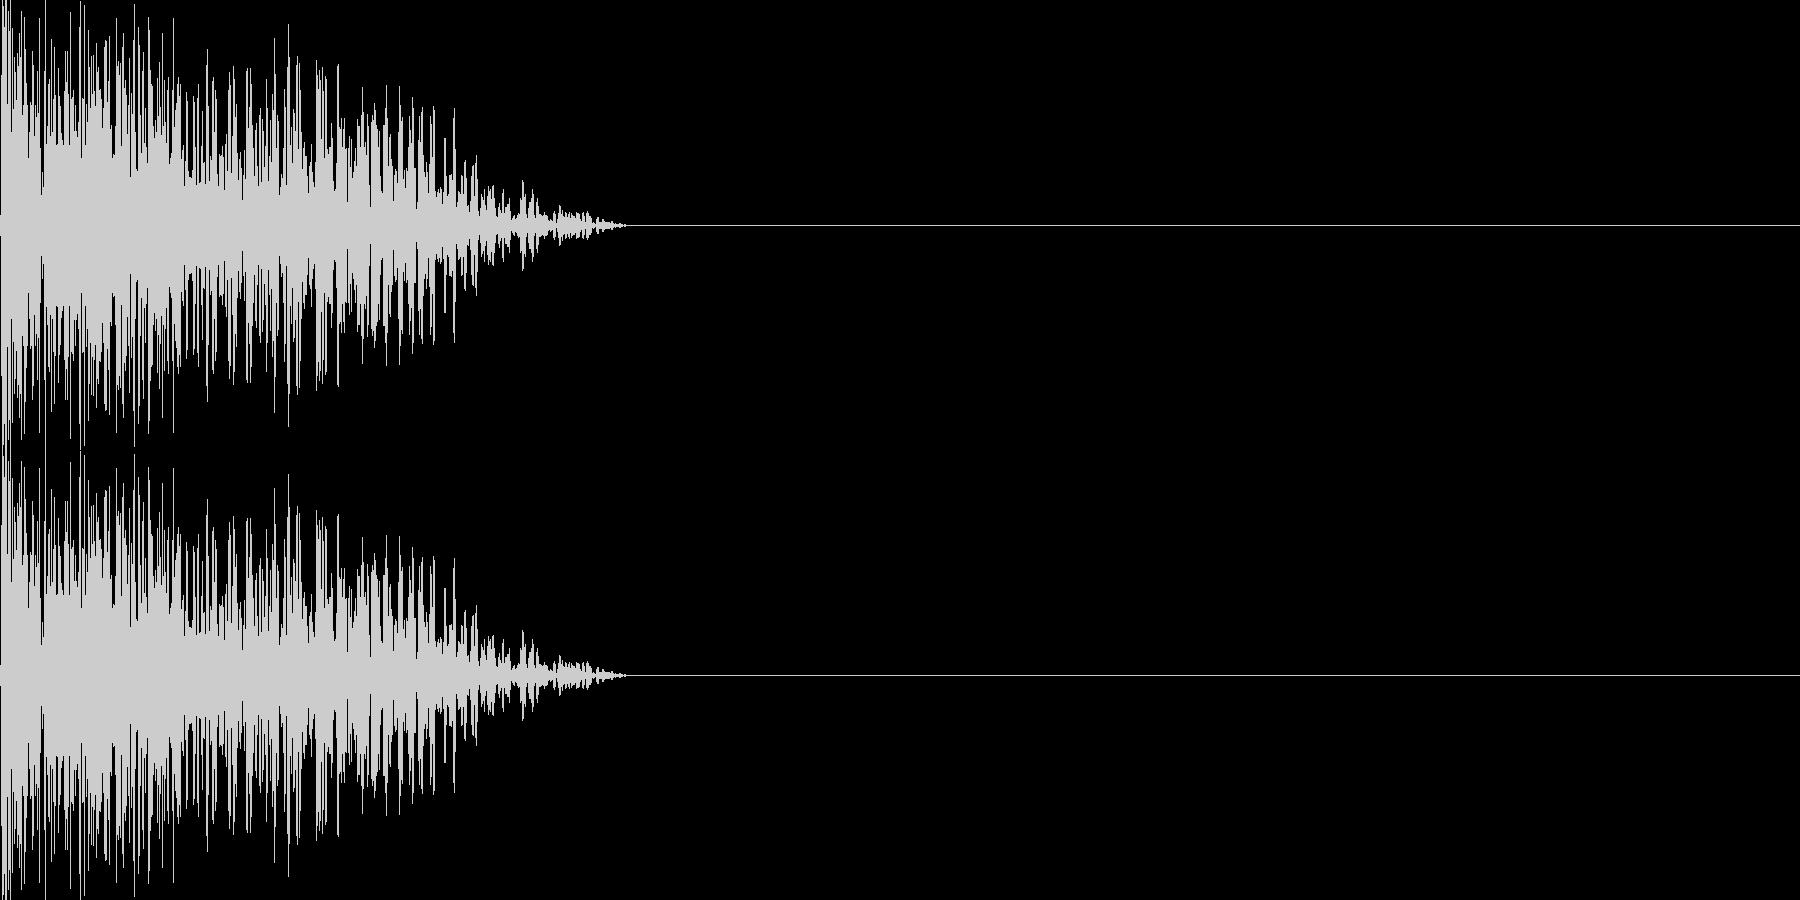 攻撃音06(重規模の銃)の未再生の波形